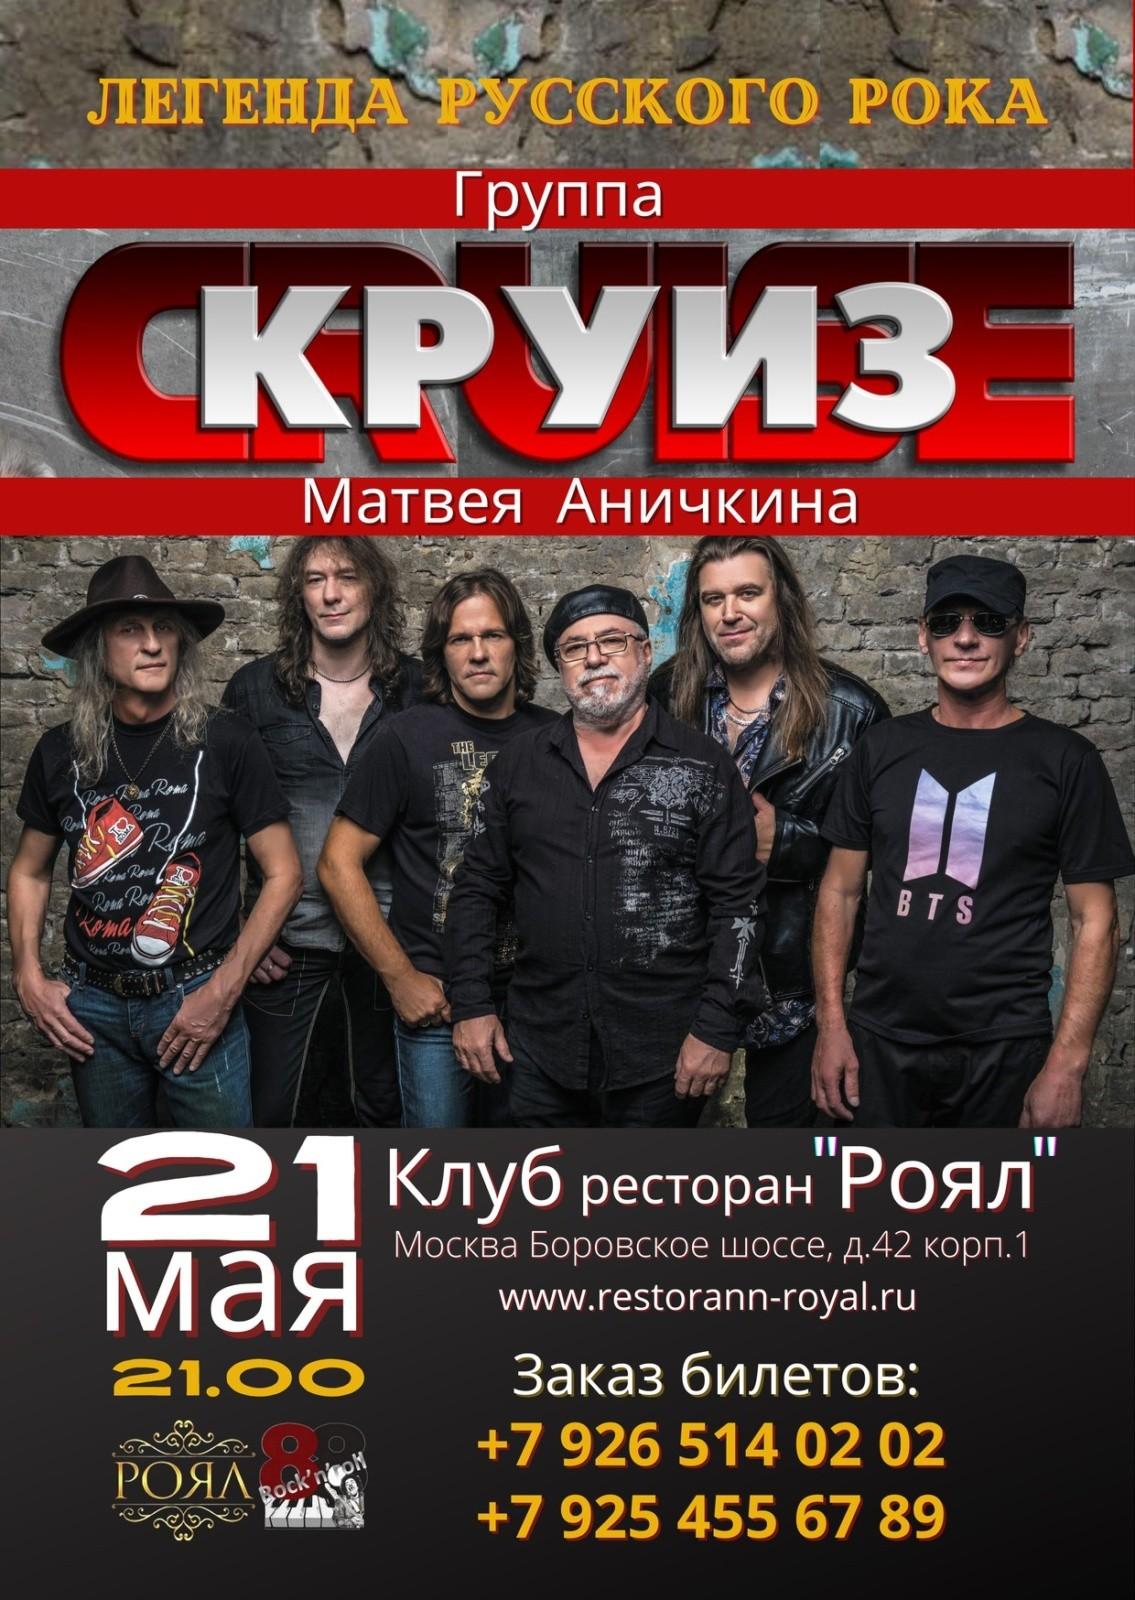 Группа «Круиз» Матвея Аничкина. Концерт в клубе «РОЯЛ»